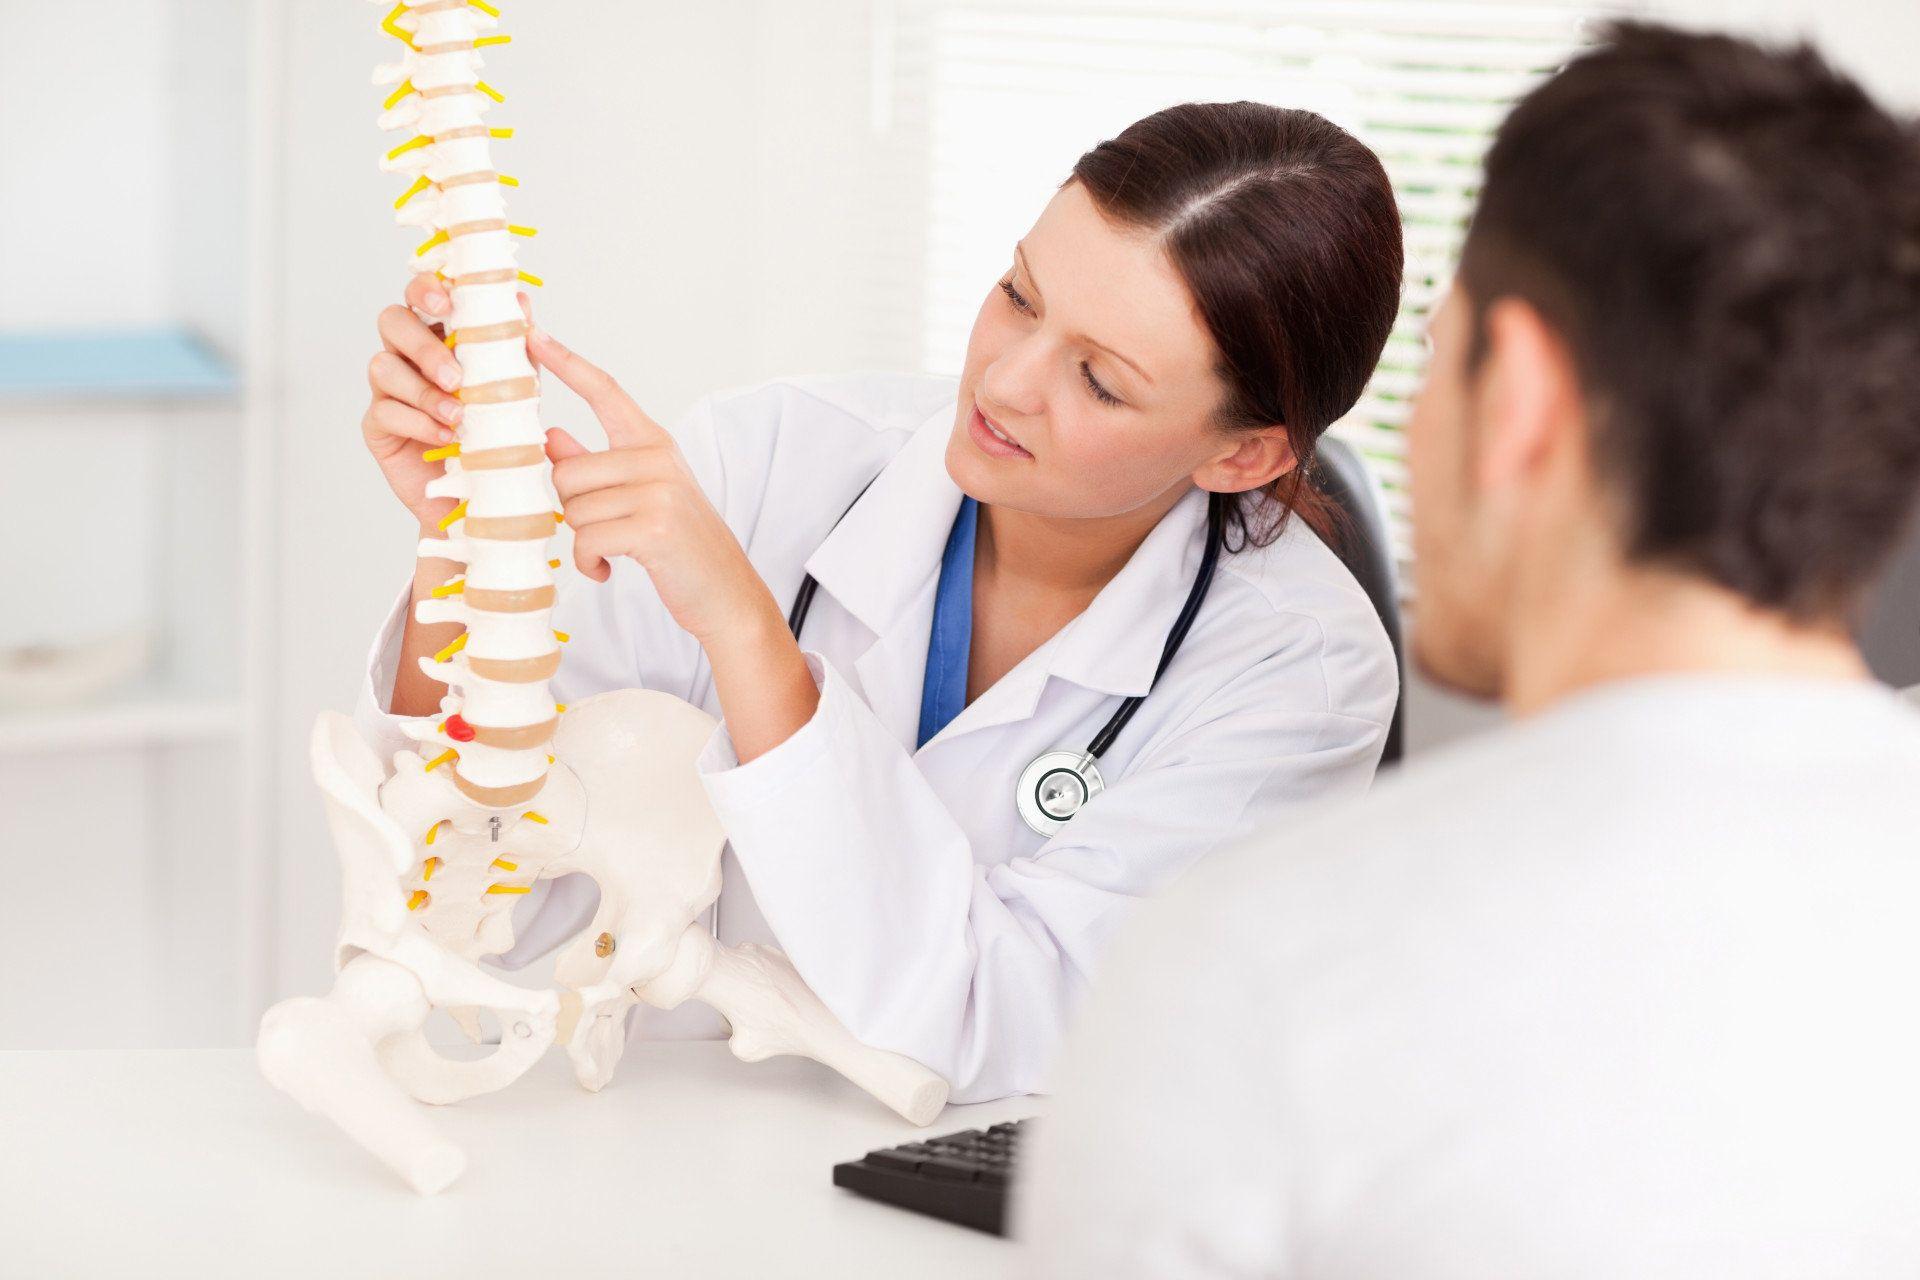 Ärztin erklärt Patient etwas an Wirbelsäulen-Skelett